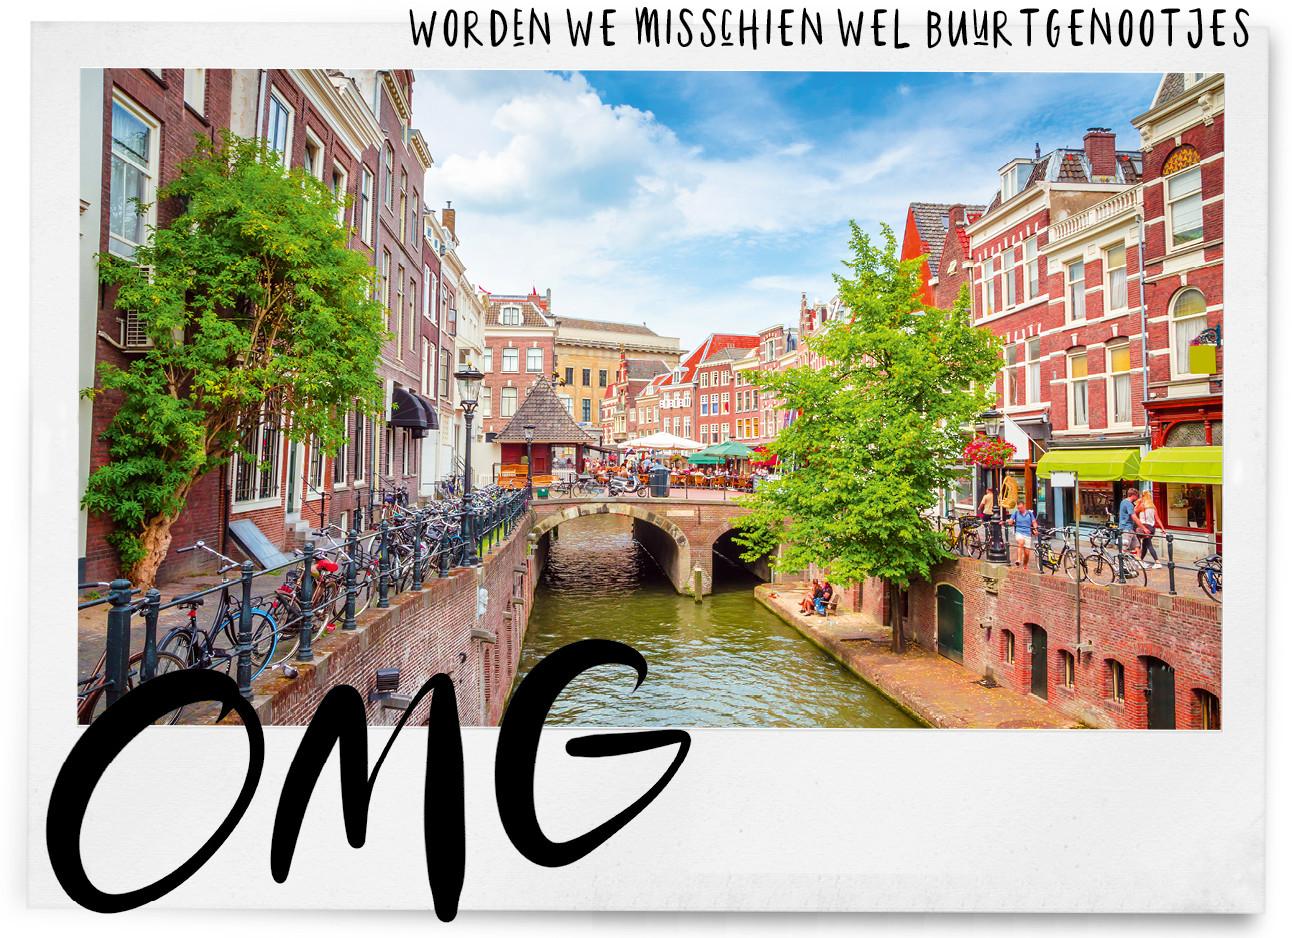 Eeen beeld van de stad Utrecht, een gracht en wat bruiine huizen met fel groene bomen